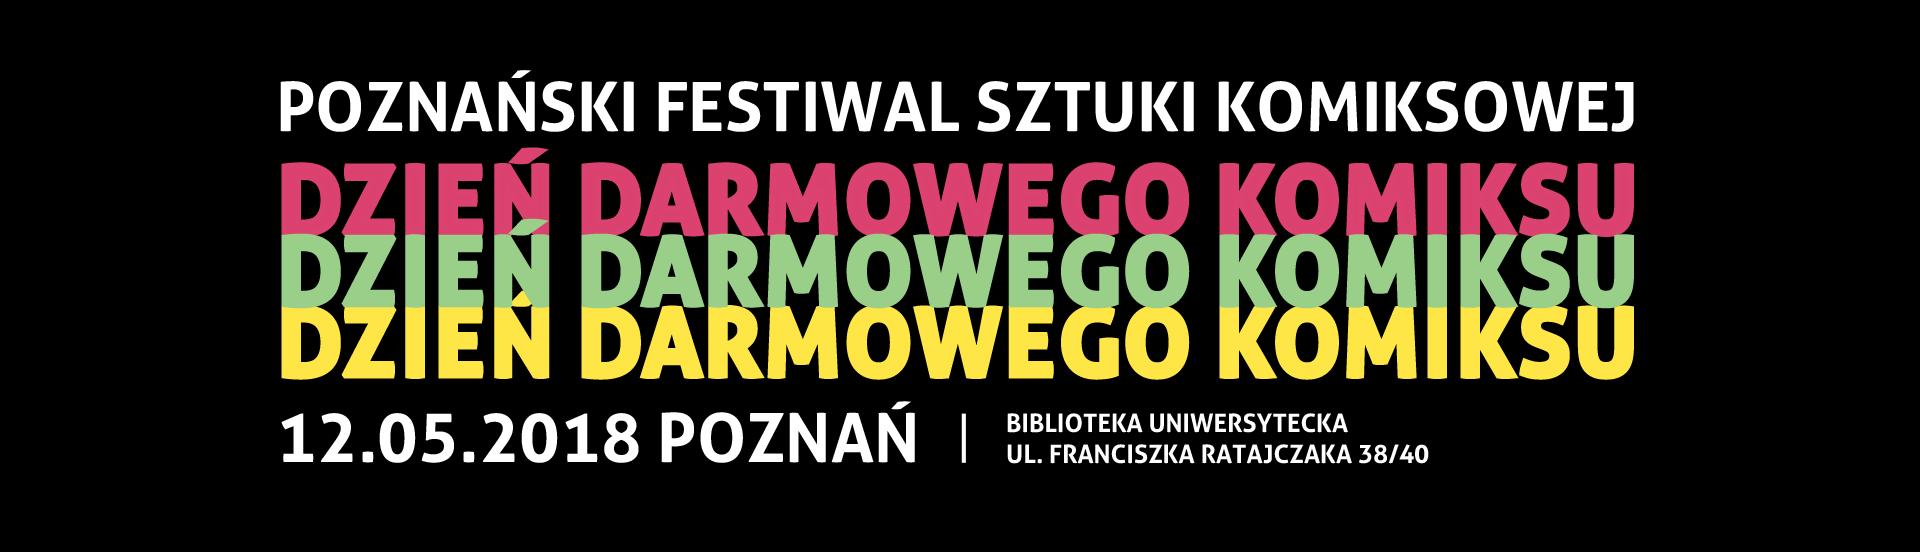 Dzień Darmowego Komiksu 2018 banner